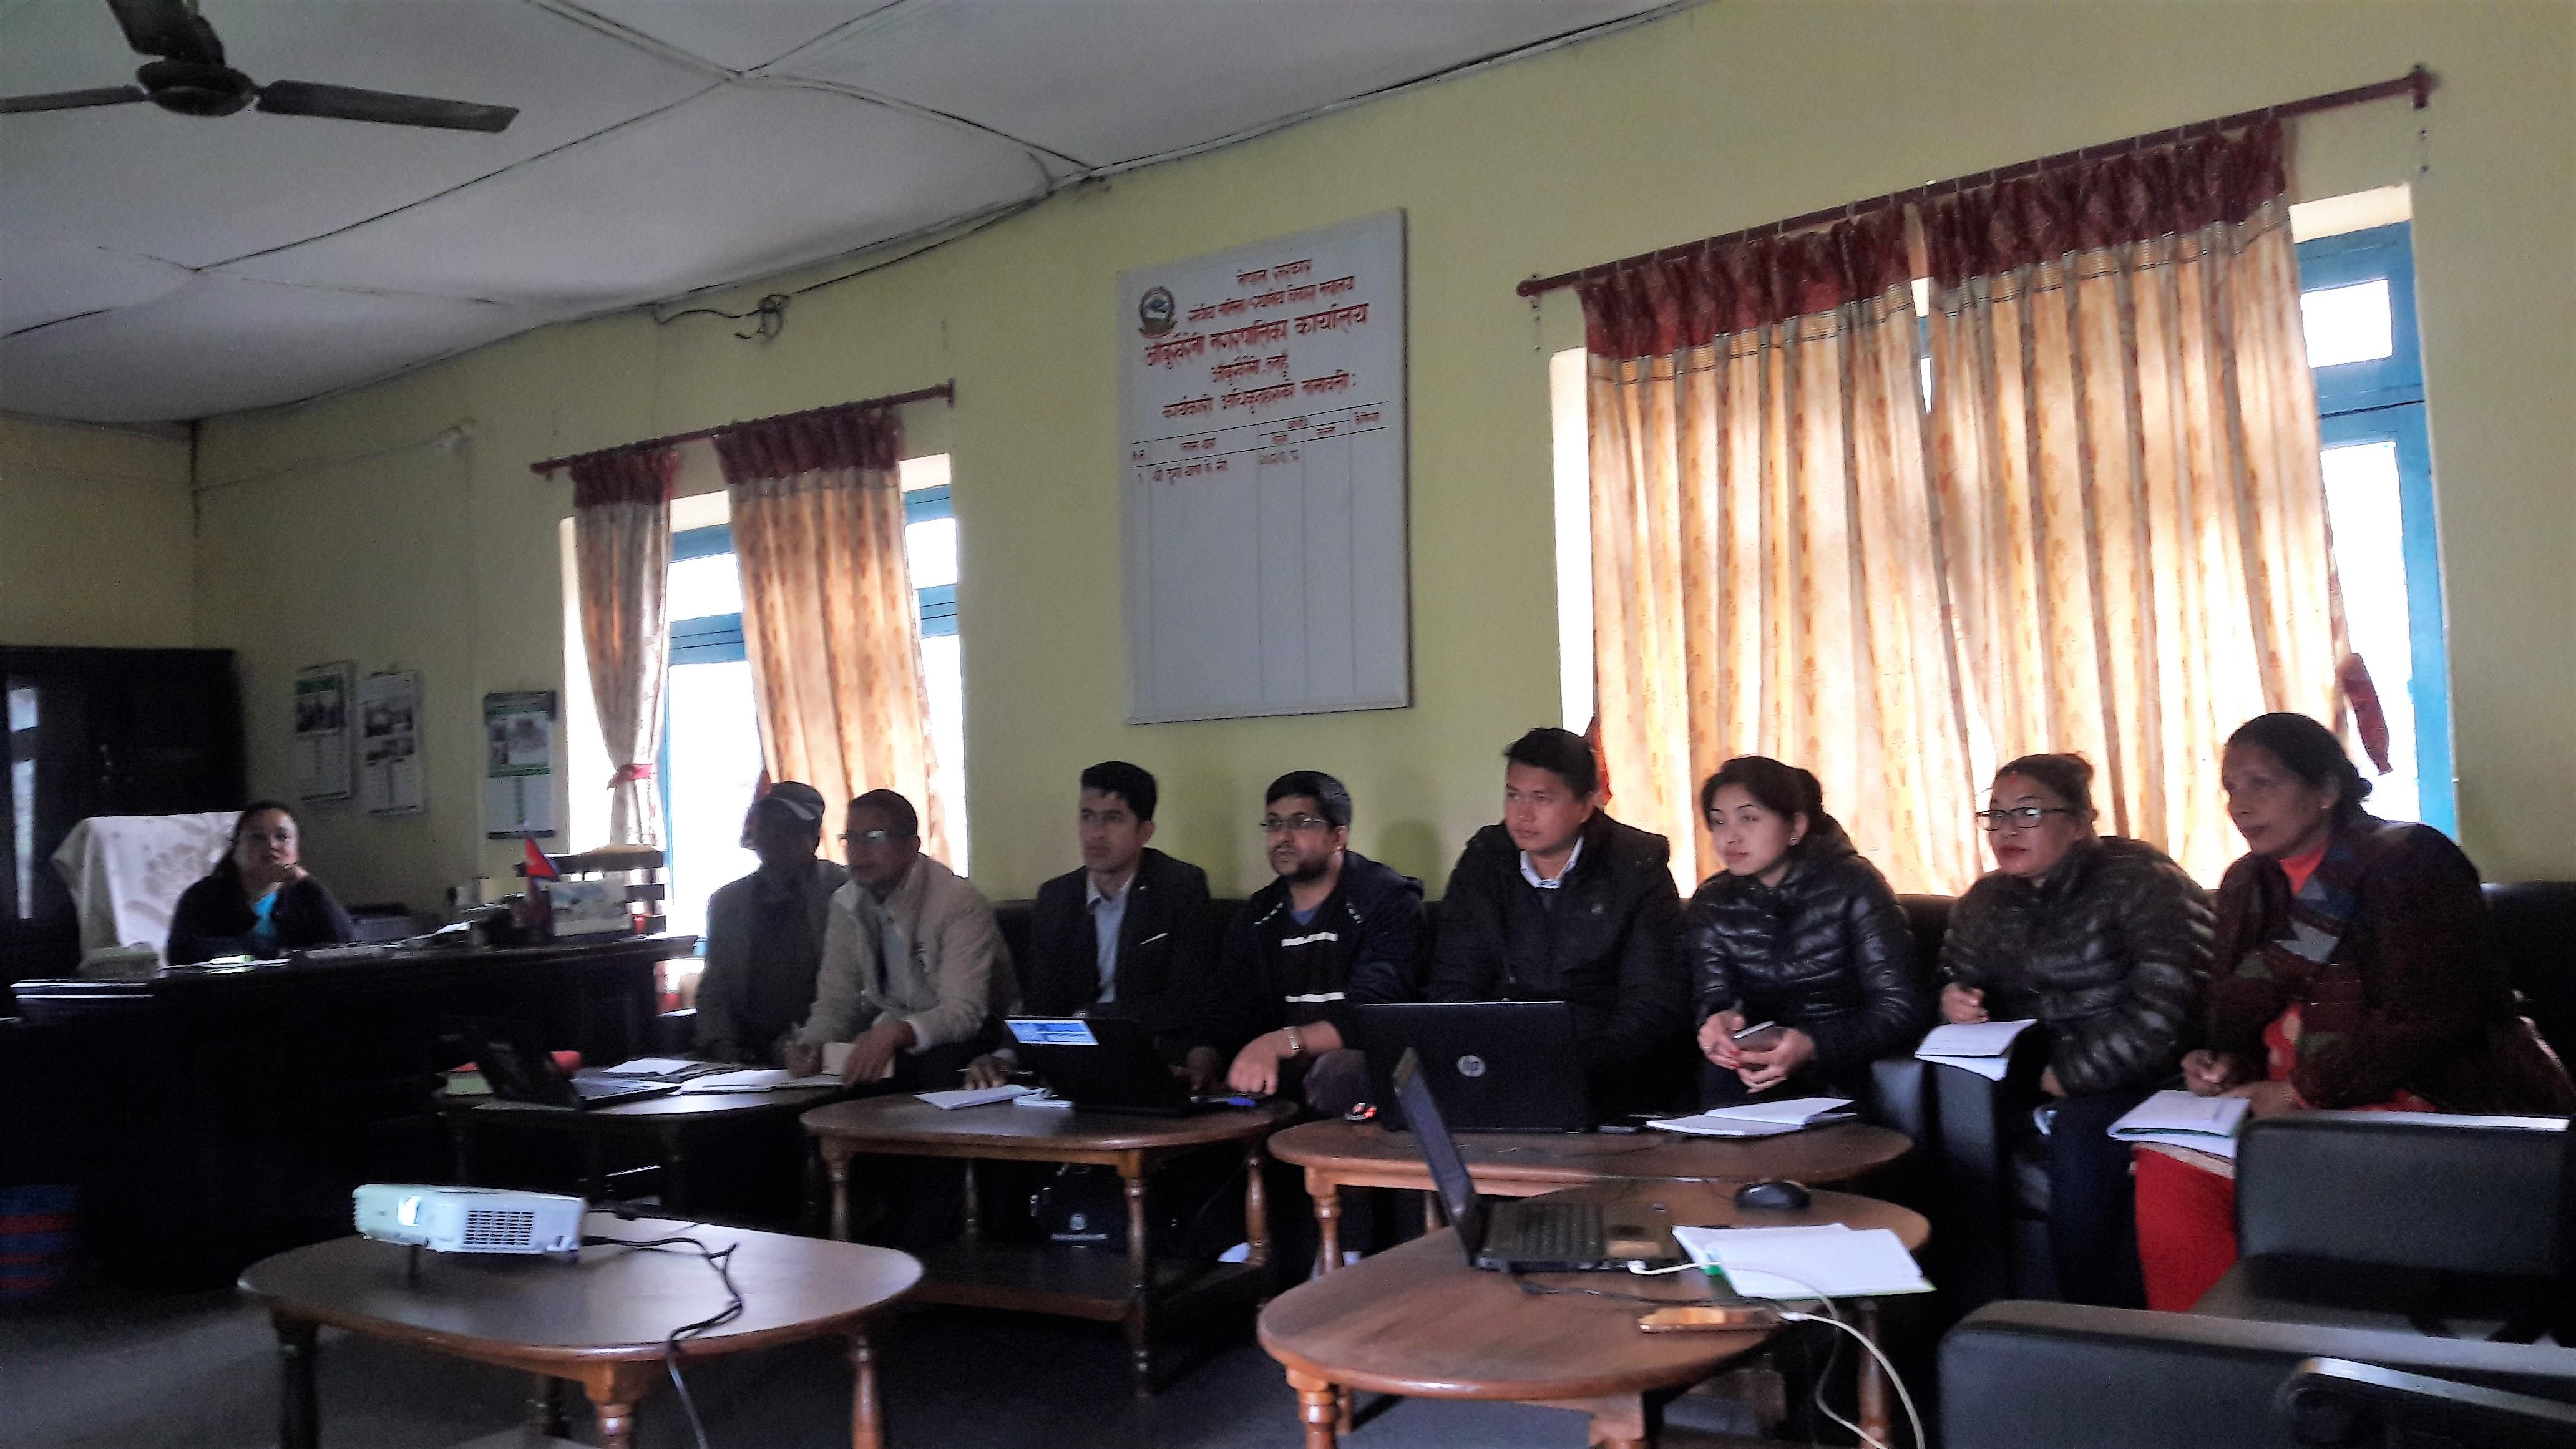 Website Training Participants